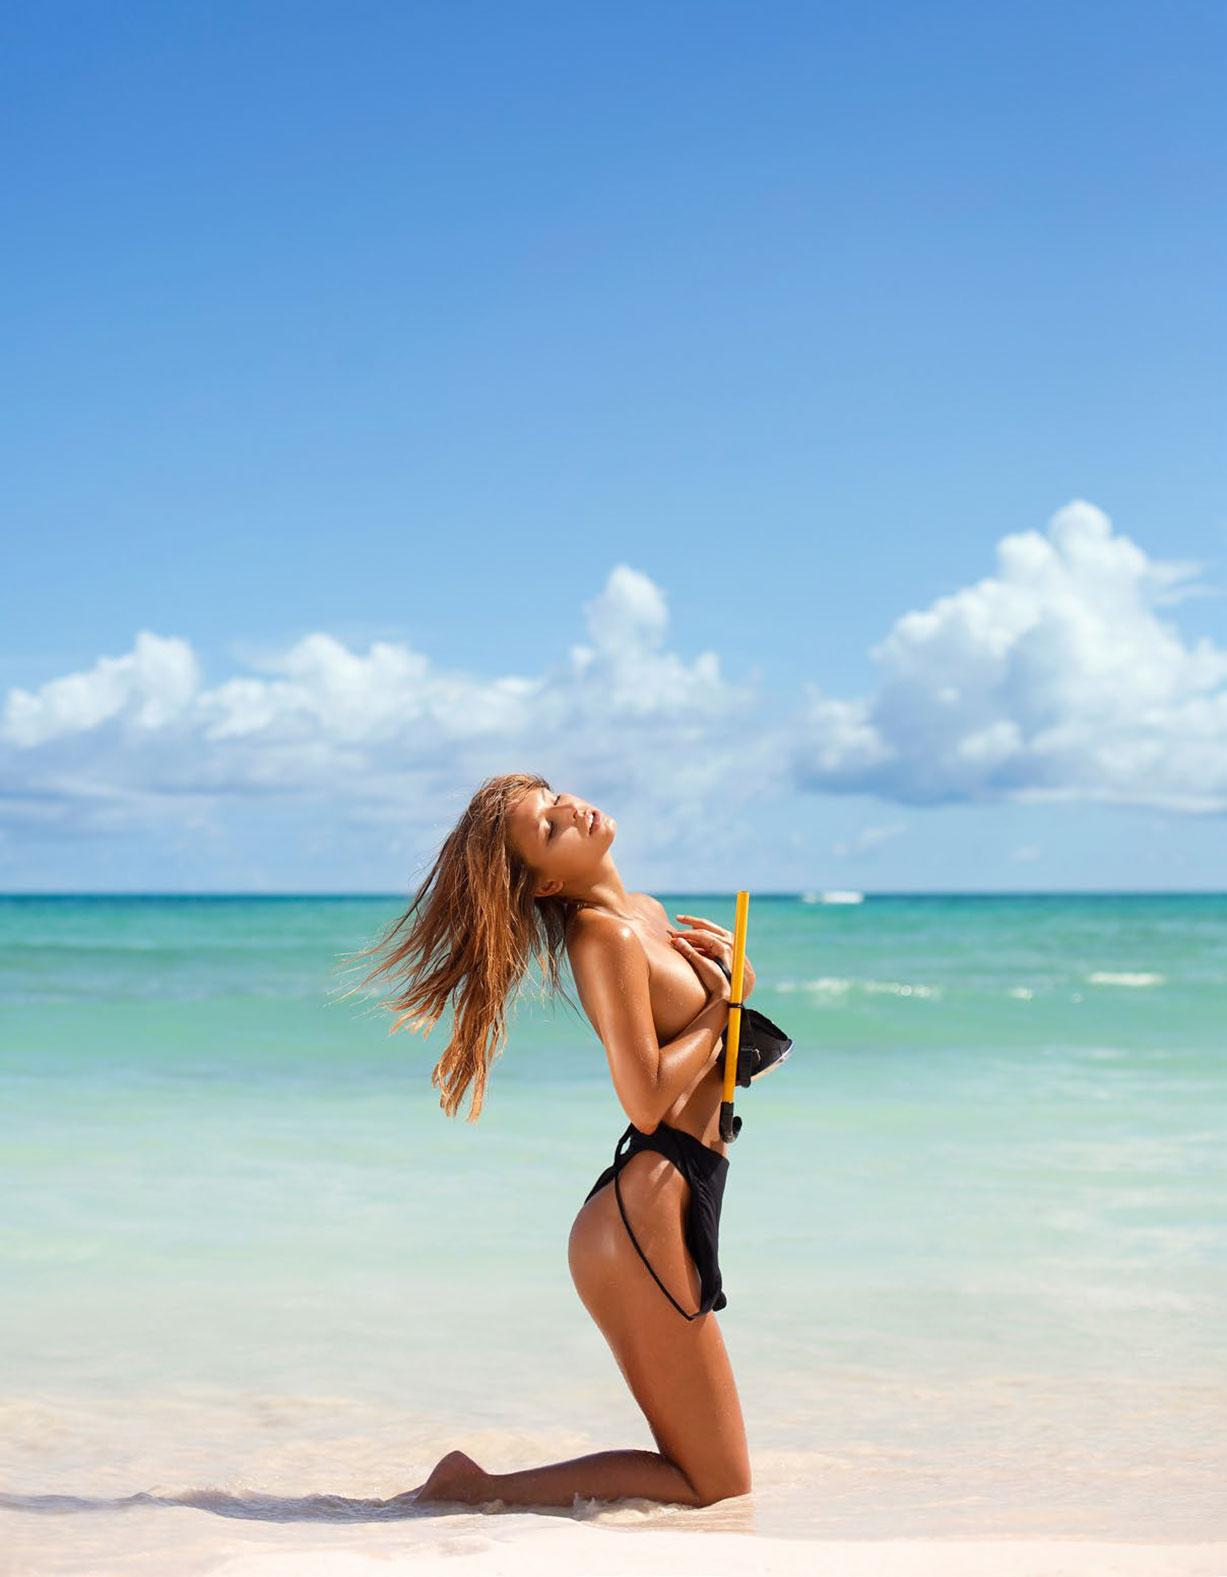 Мариса Папен в спецвыпуске журнала Playboy -Девушки летом- / фото 01